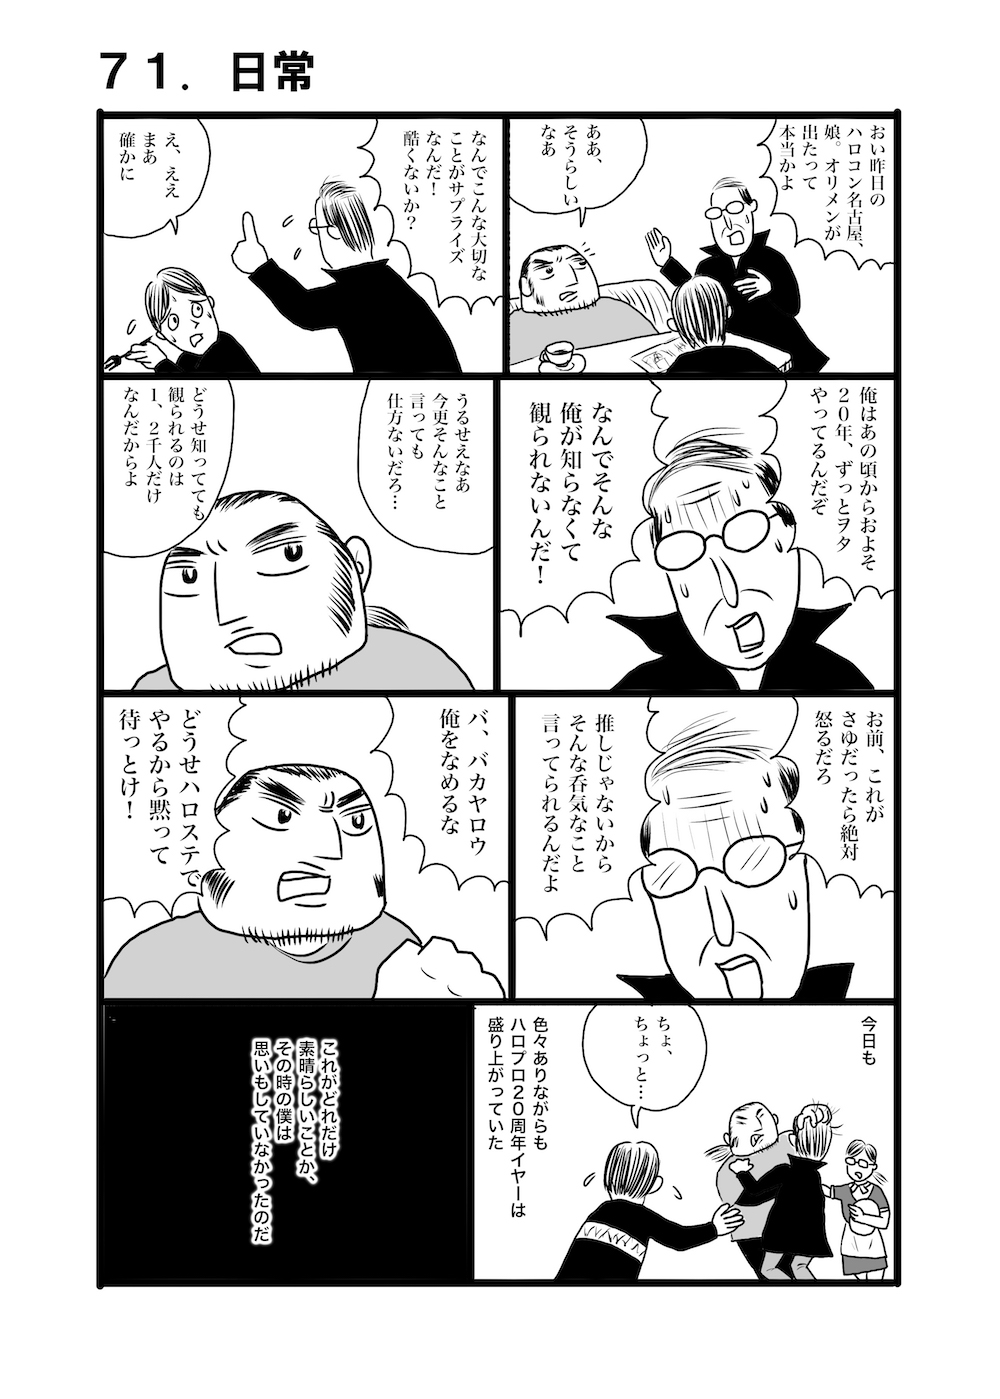 劔樹人 ハロヲタ人生賛歌